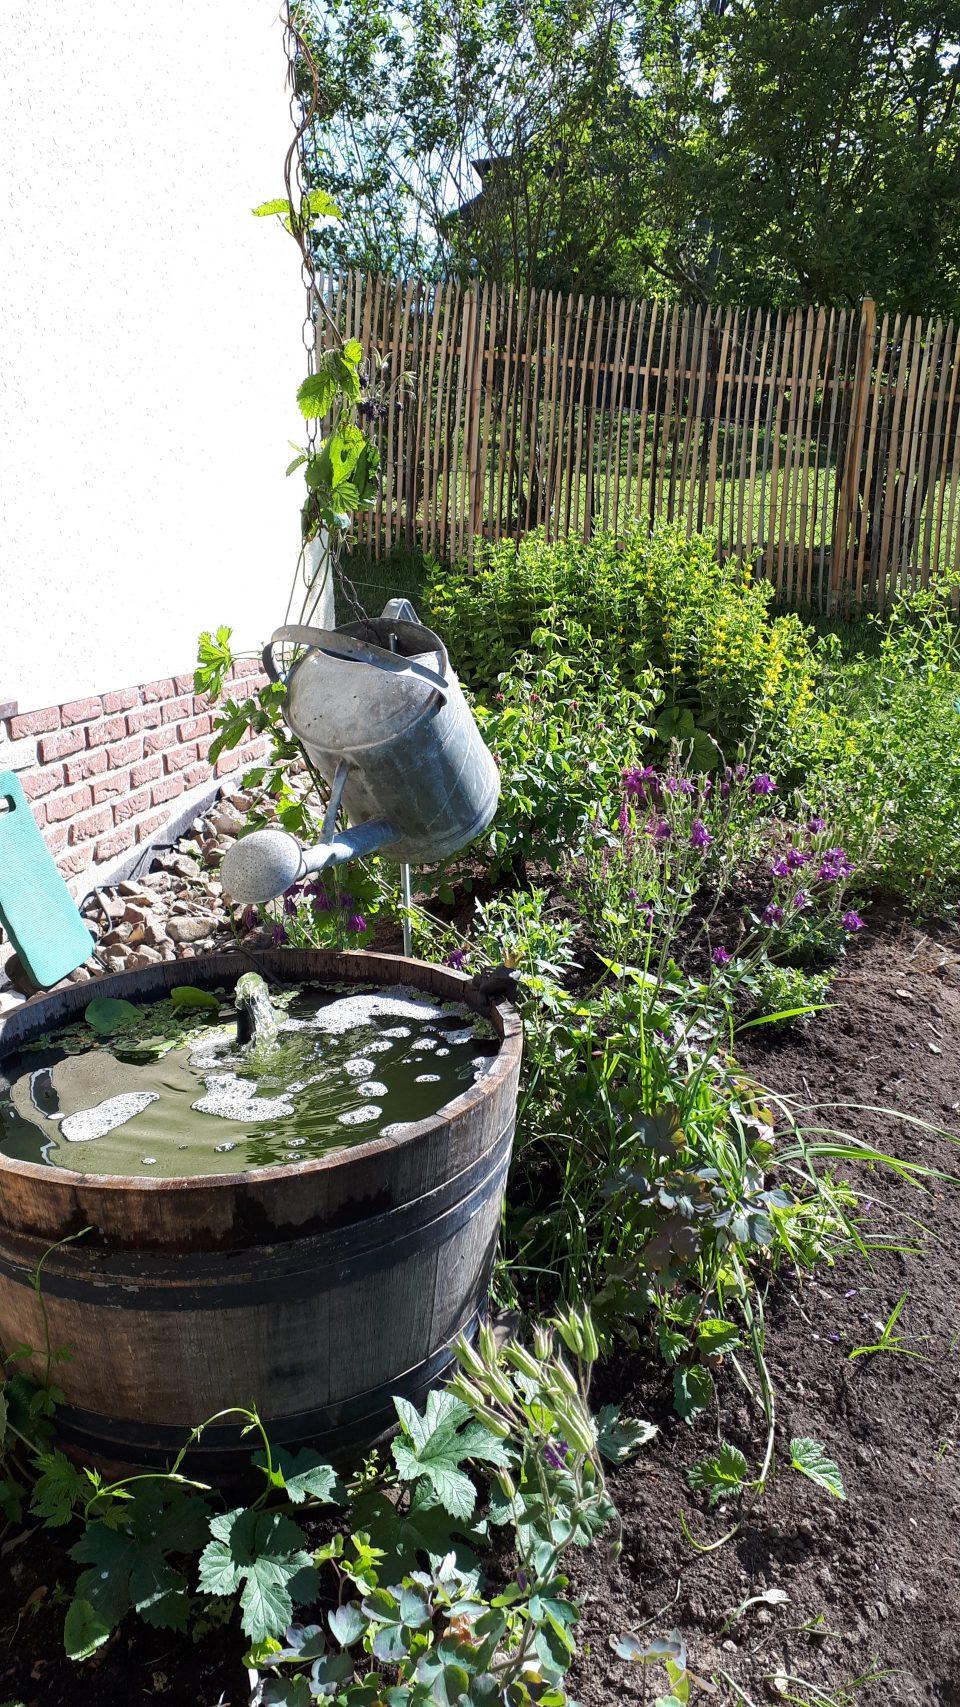 Das halbierte Weinfass hatte zunächst eine Gießkanne mit Regenkette als Teil des romantischen Wasserspiels. Später wurde die Gießkanne durch die alte Wasserpumpe ersetzt.